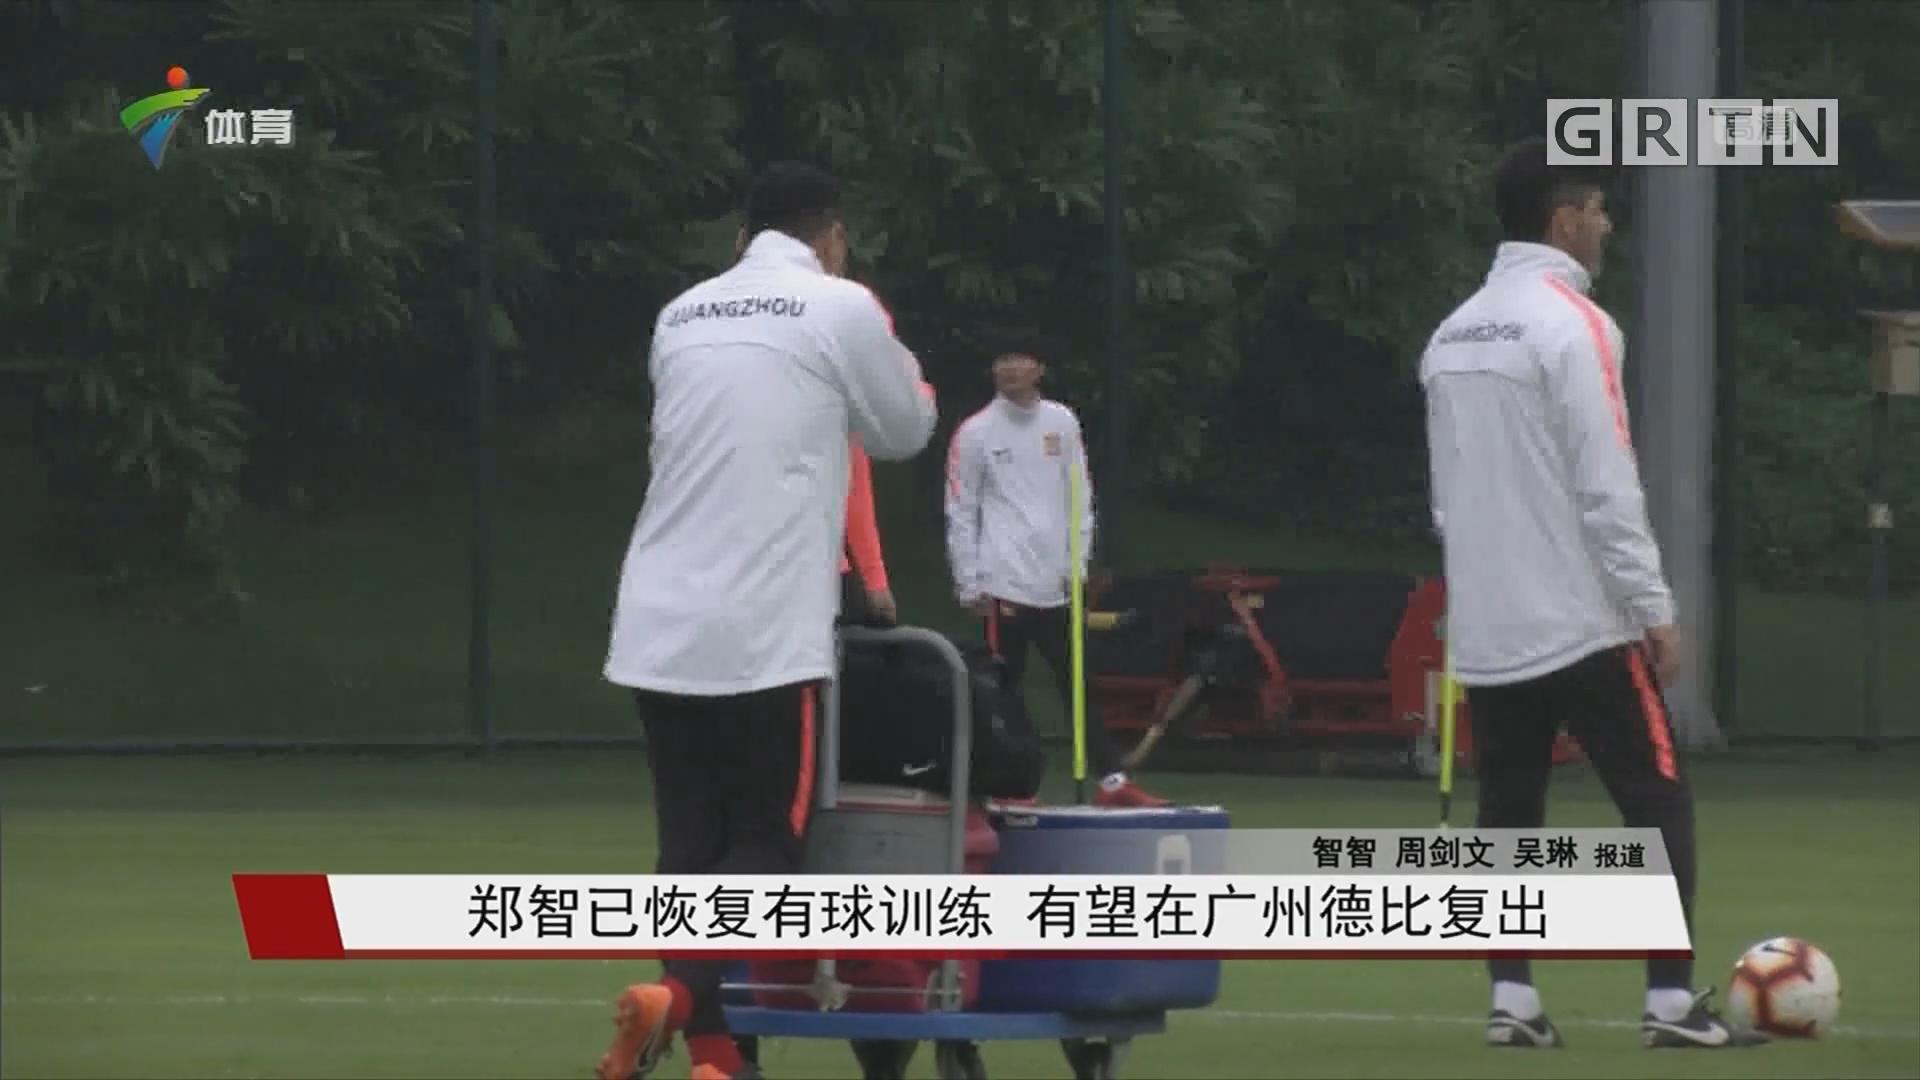 郑智已恢复有球训练 有望在广州德比复出